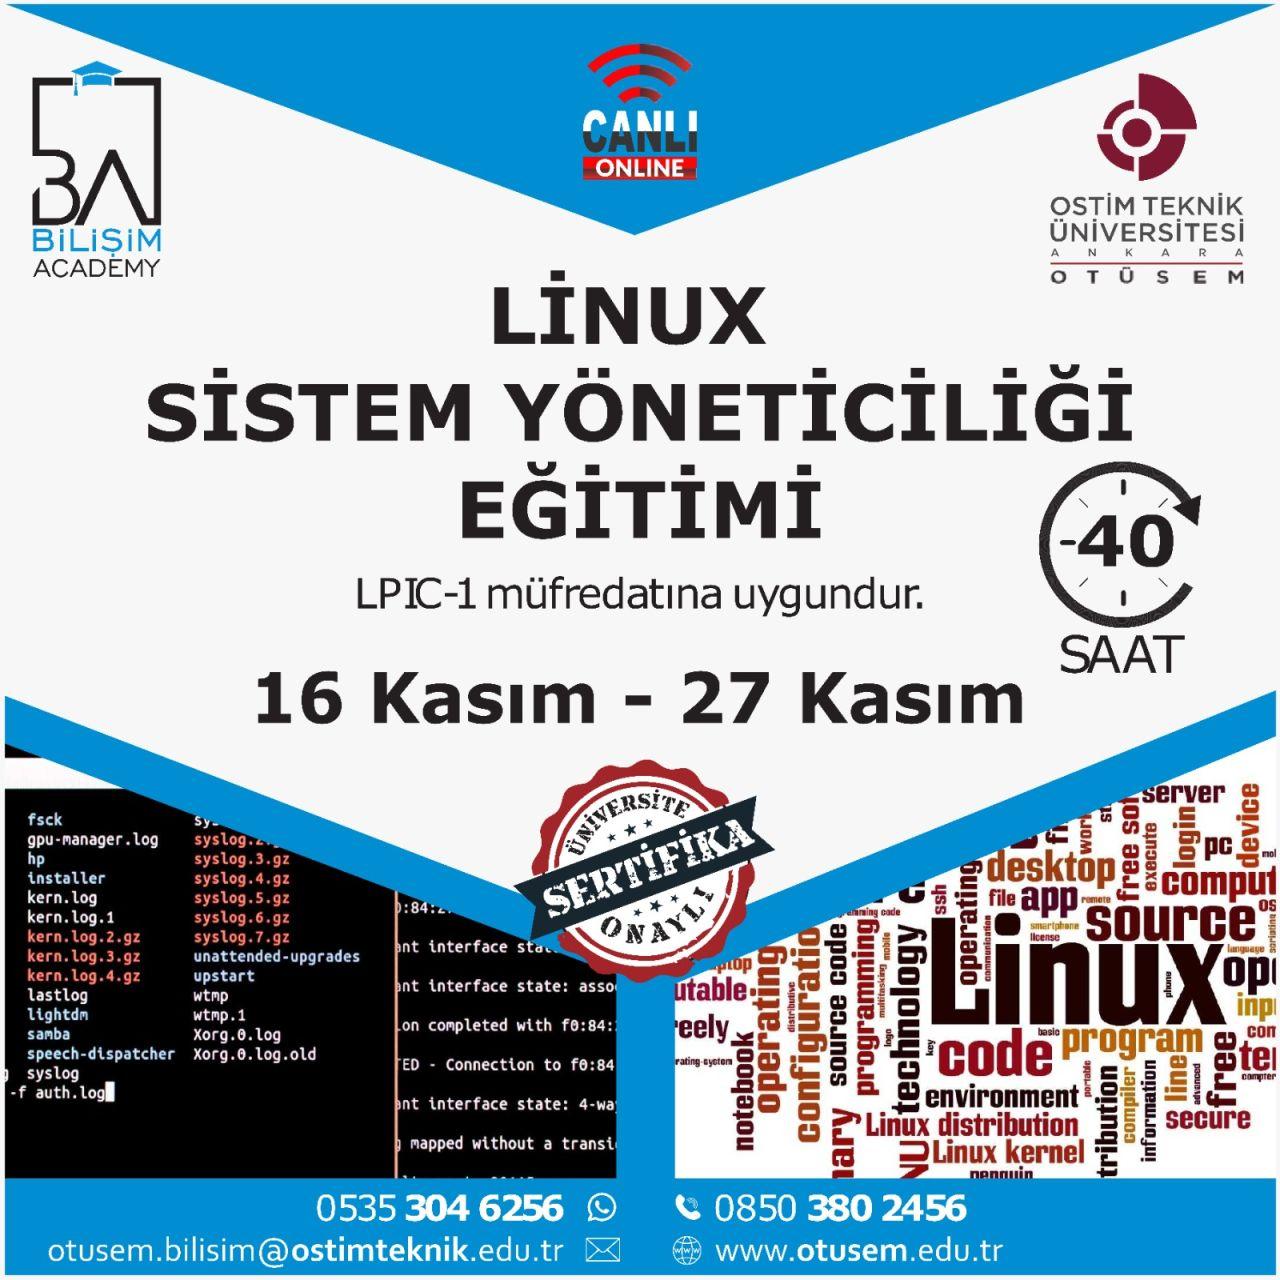 2.Dönem-Linux Sistem Yöneticiliği Eğitimi